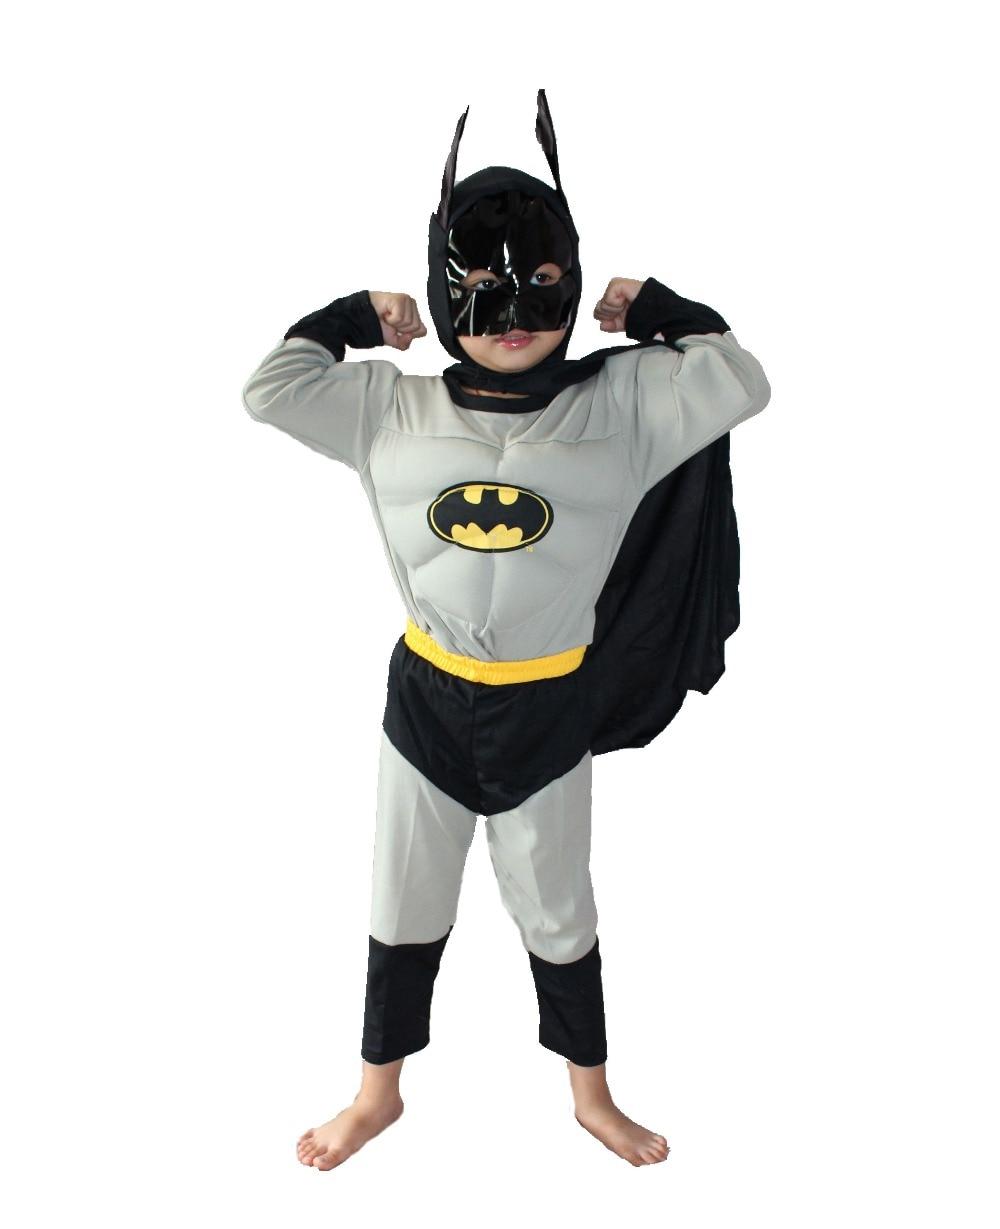 ნაცრისფერი 3-7 წლის წვეულება საბავშვო კომიქსები მარველის ბეტმენის კუნთების ჰელოუინი კოსტუმი, ბიჭი როლის თამაში ტანსაცმელი გრძელი ყდის მაისური